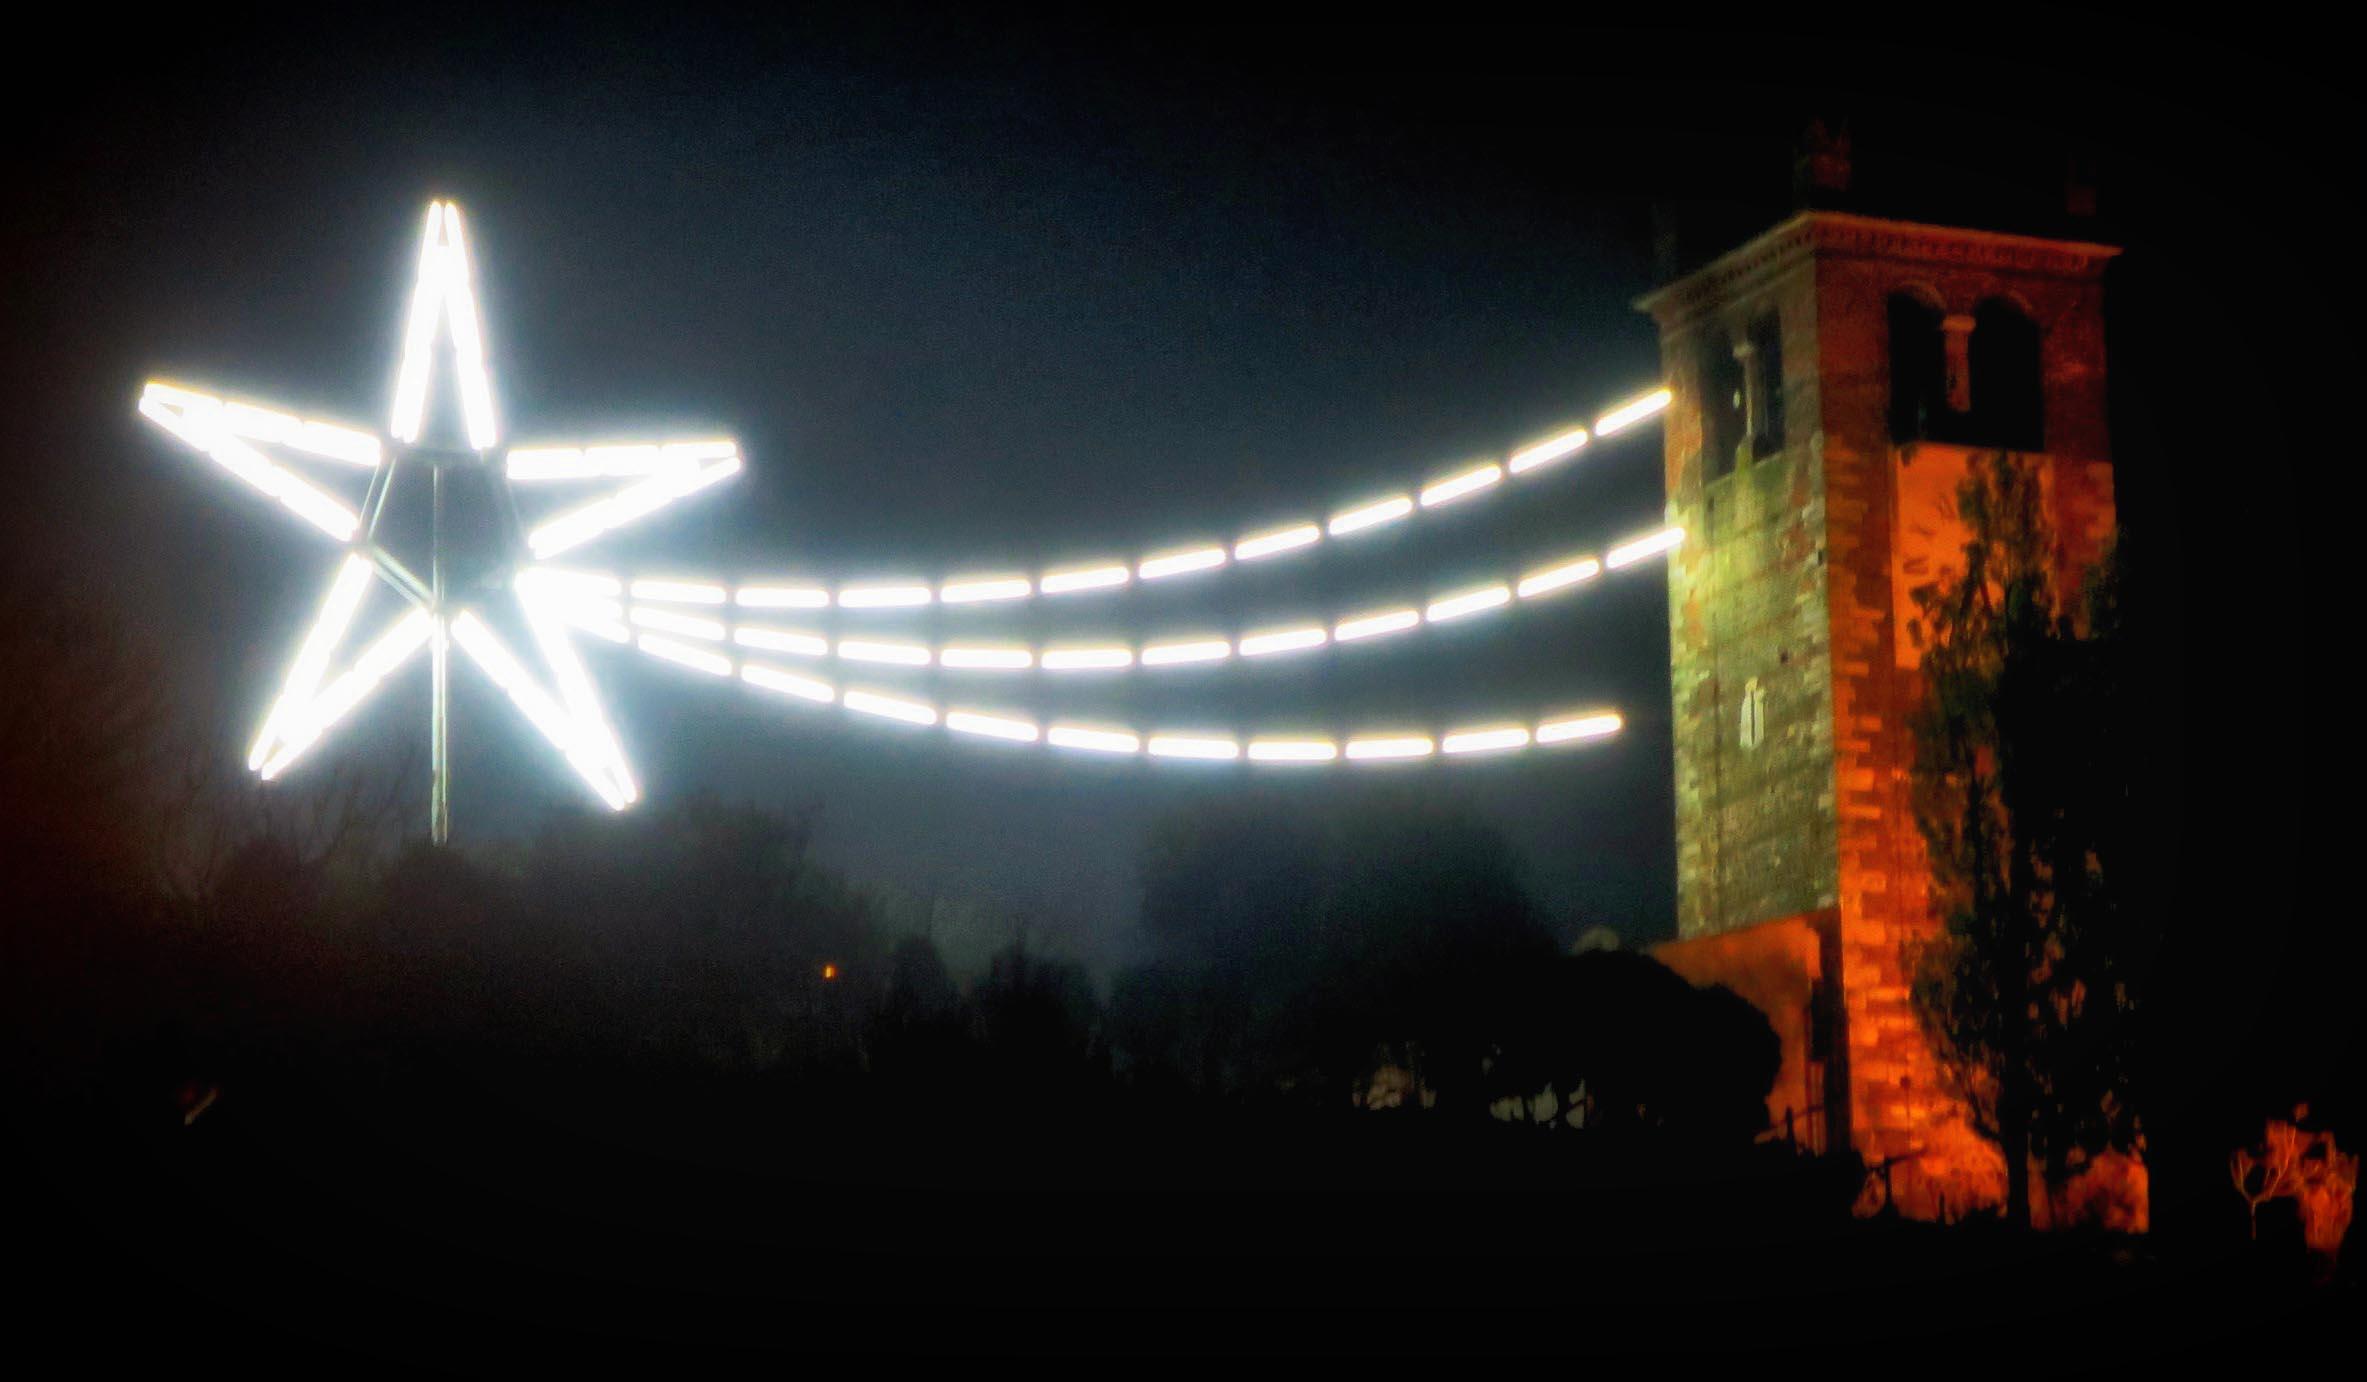 inaugurazione-stella-cometa-palazzolo-natale-2015-5